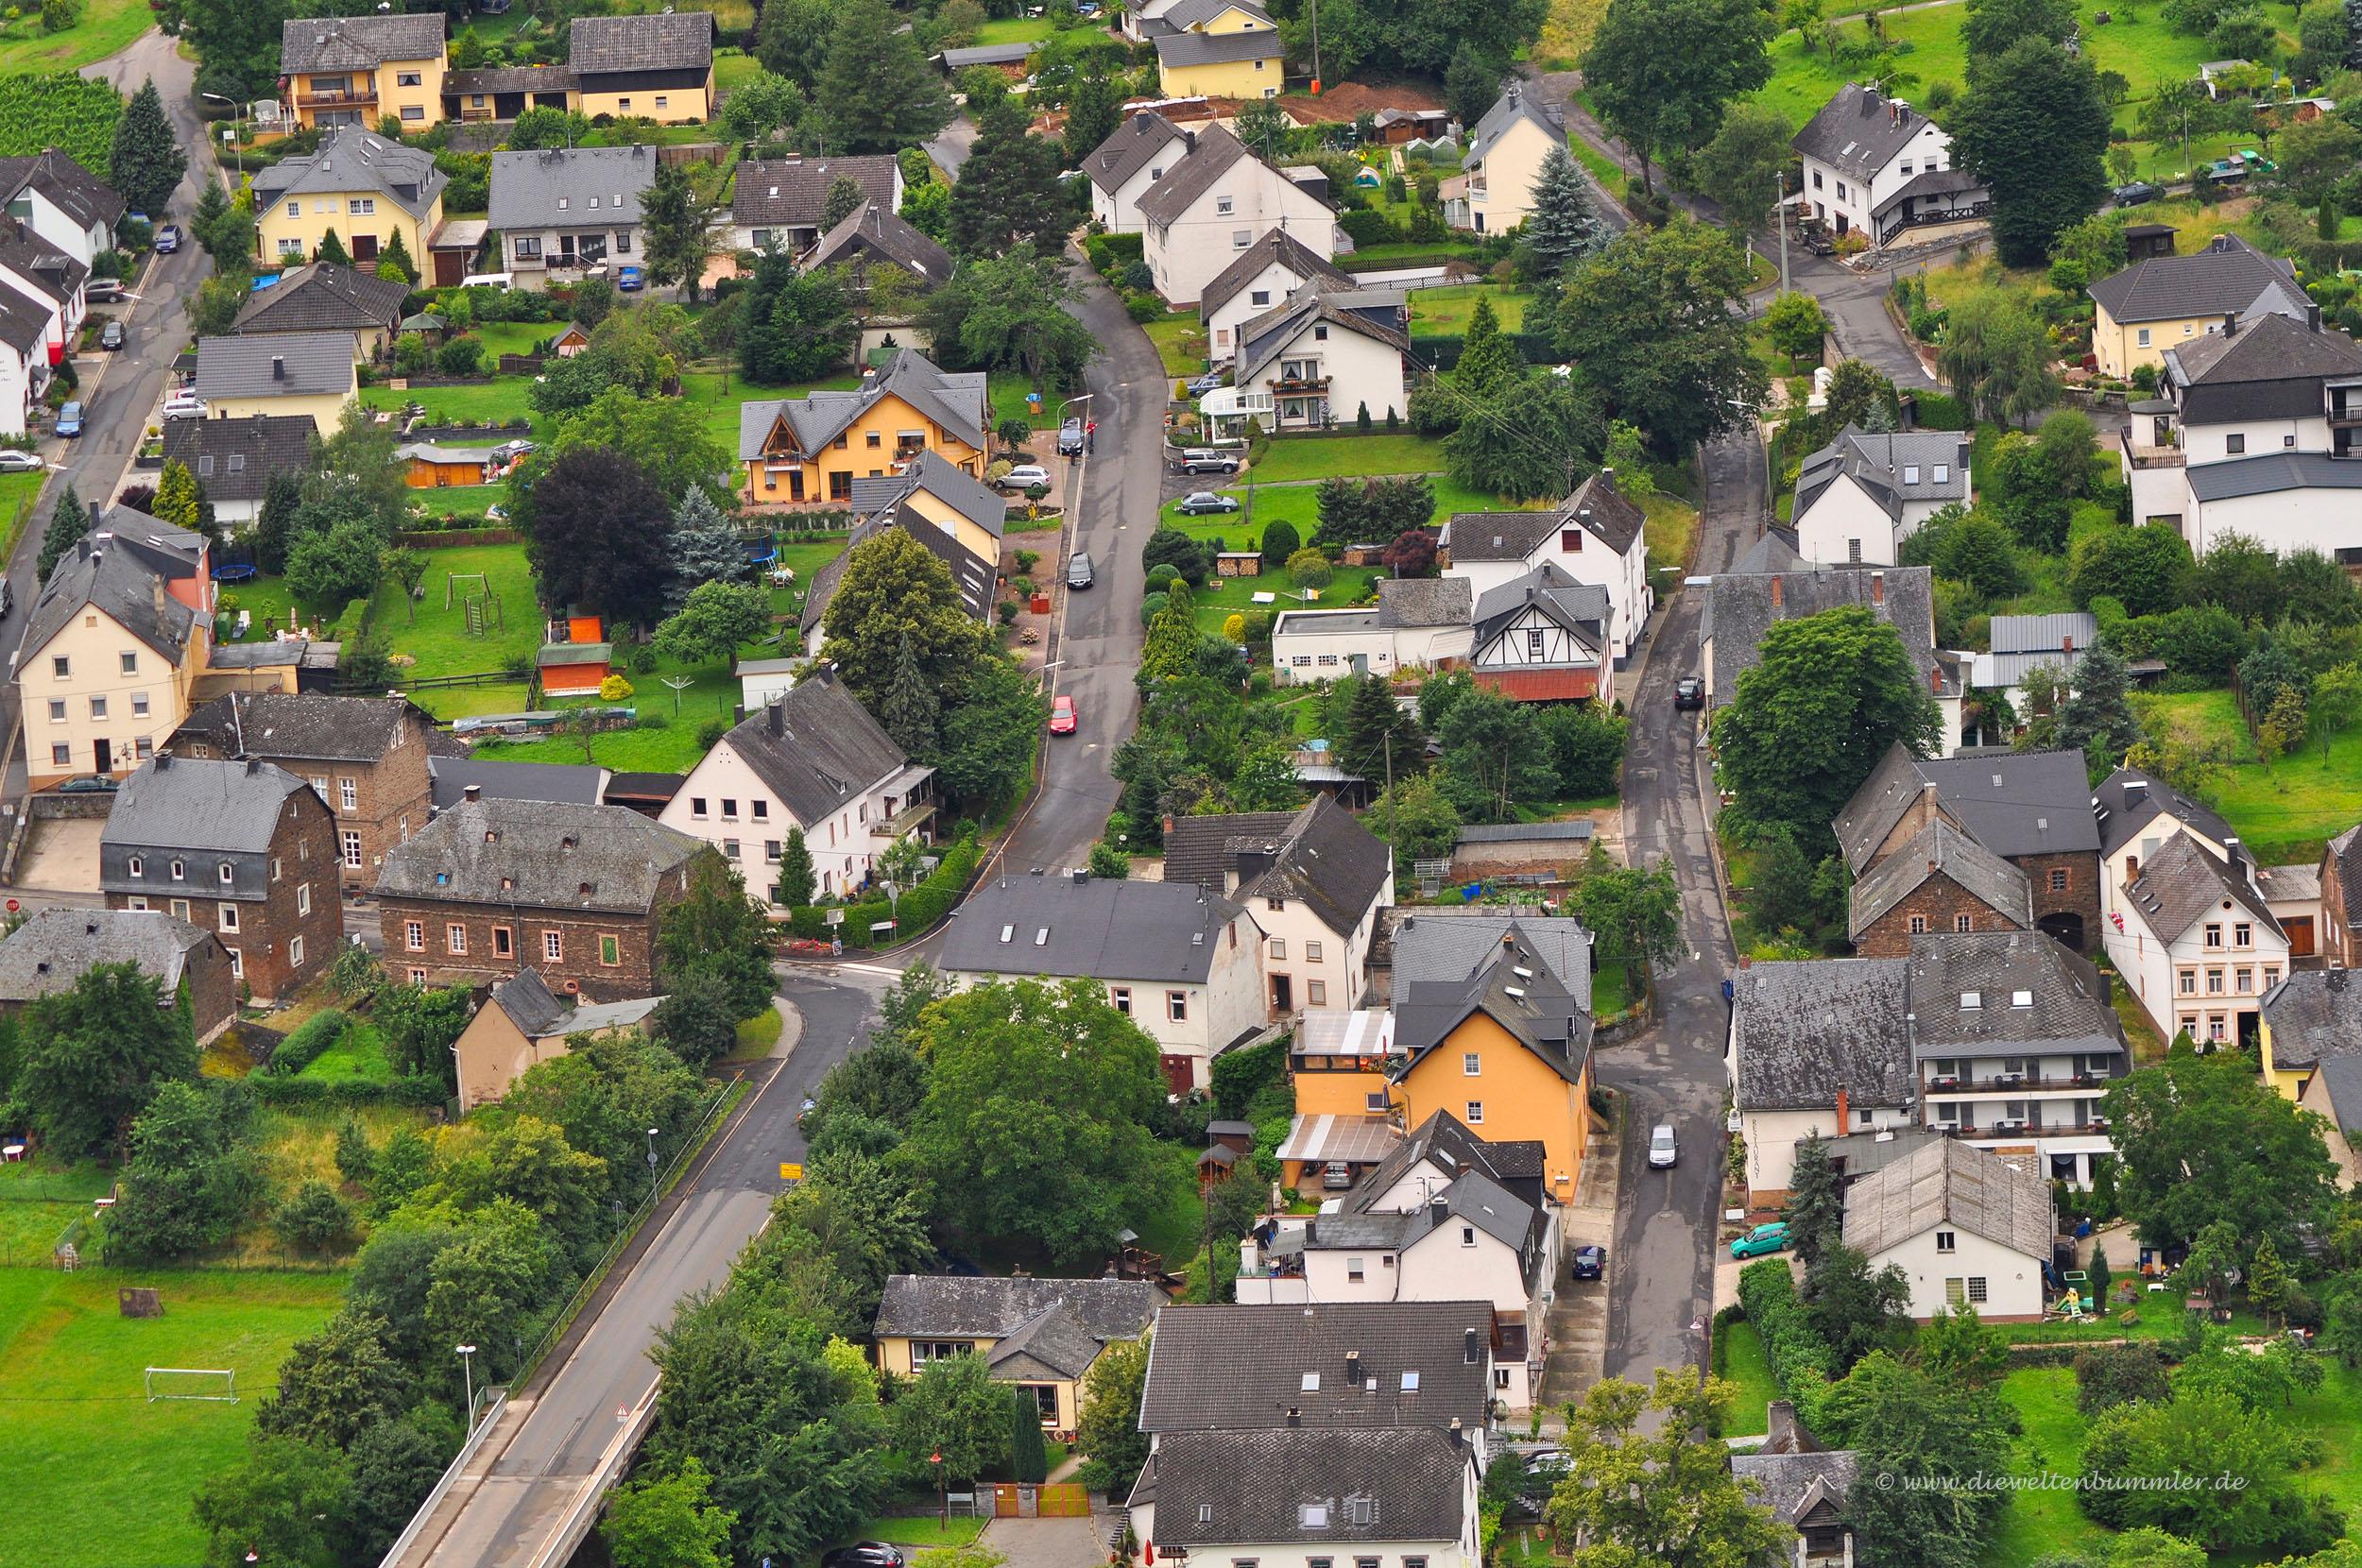 Blick auf die Ortschaft Wolf